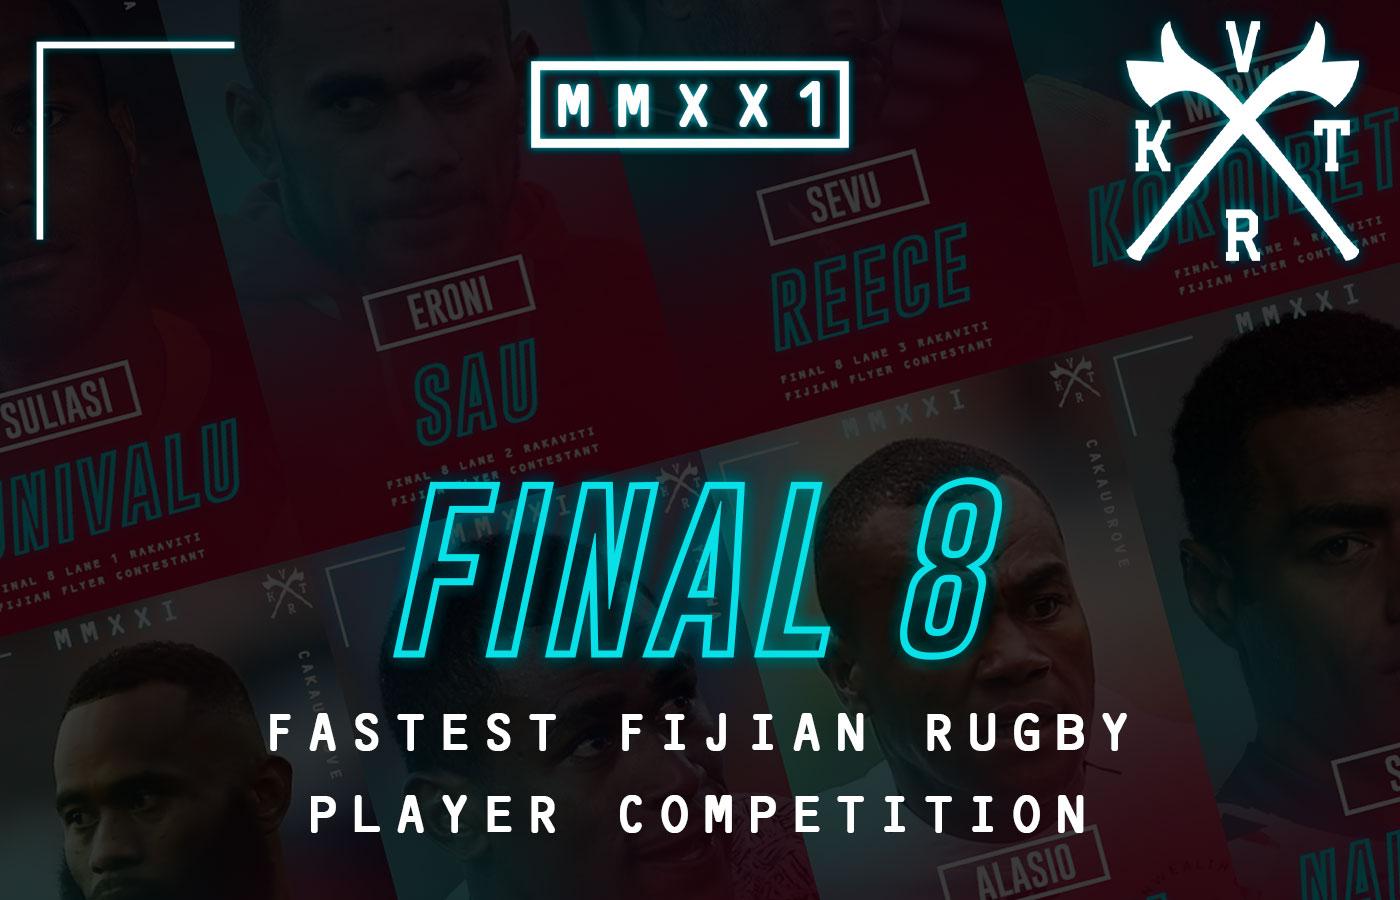 2021 Fijian Flyer Final 8